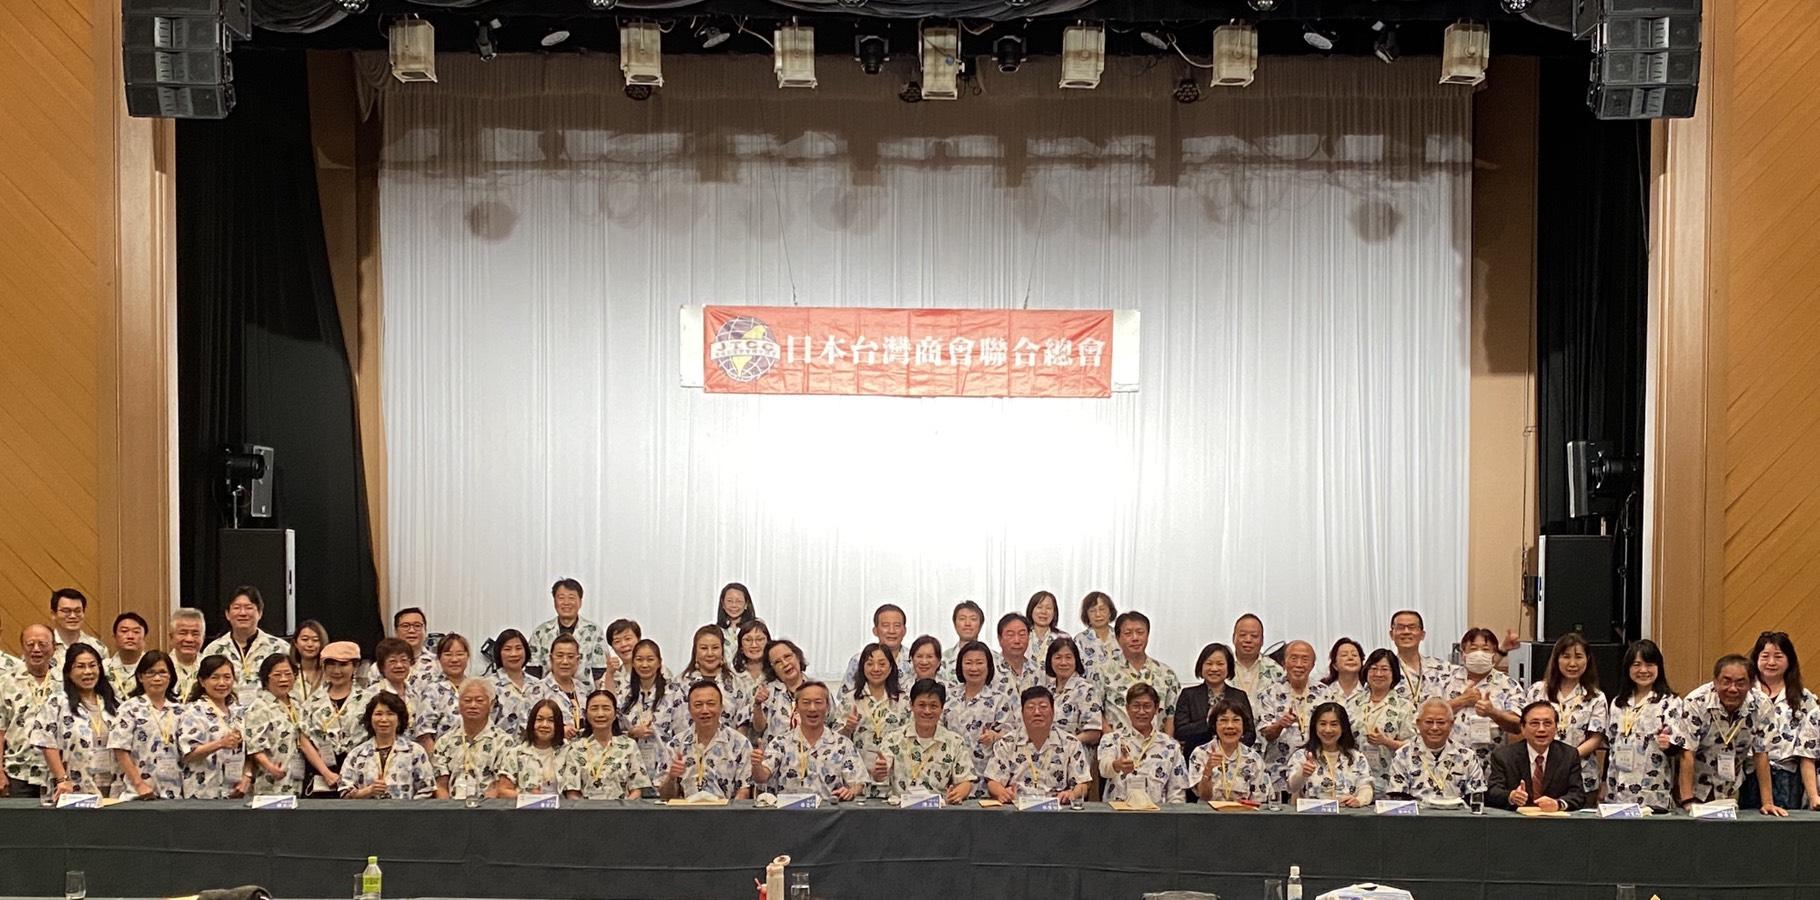 日本台湾商会聯合総会